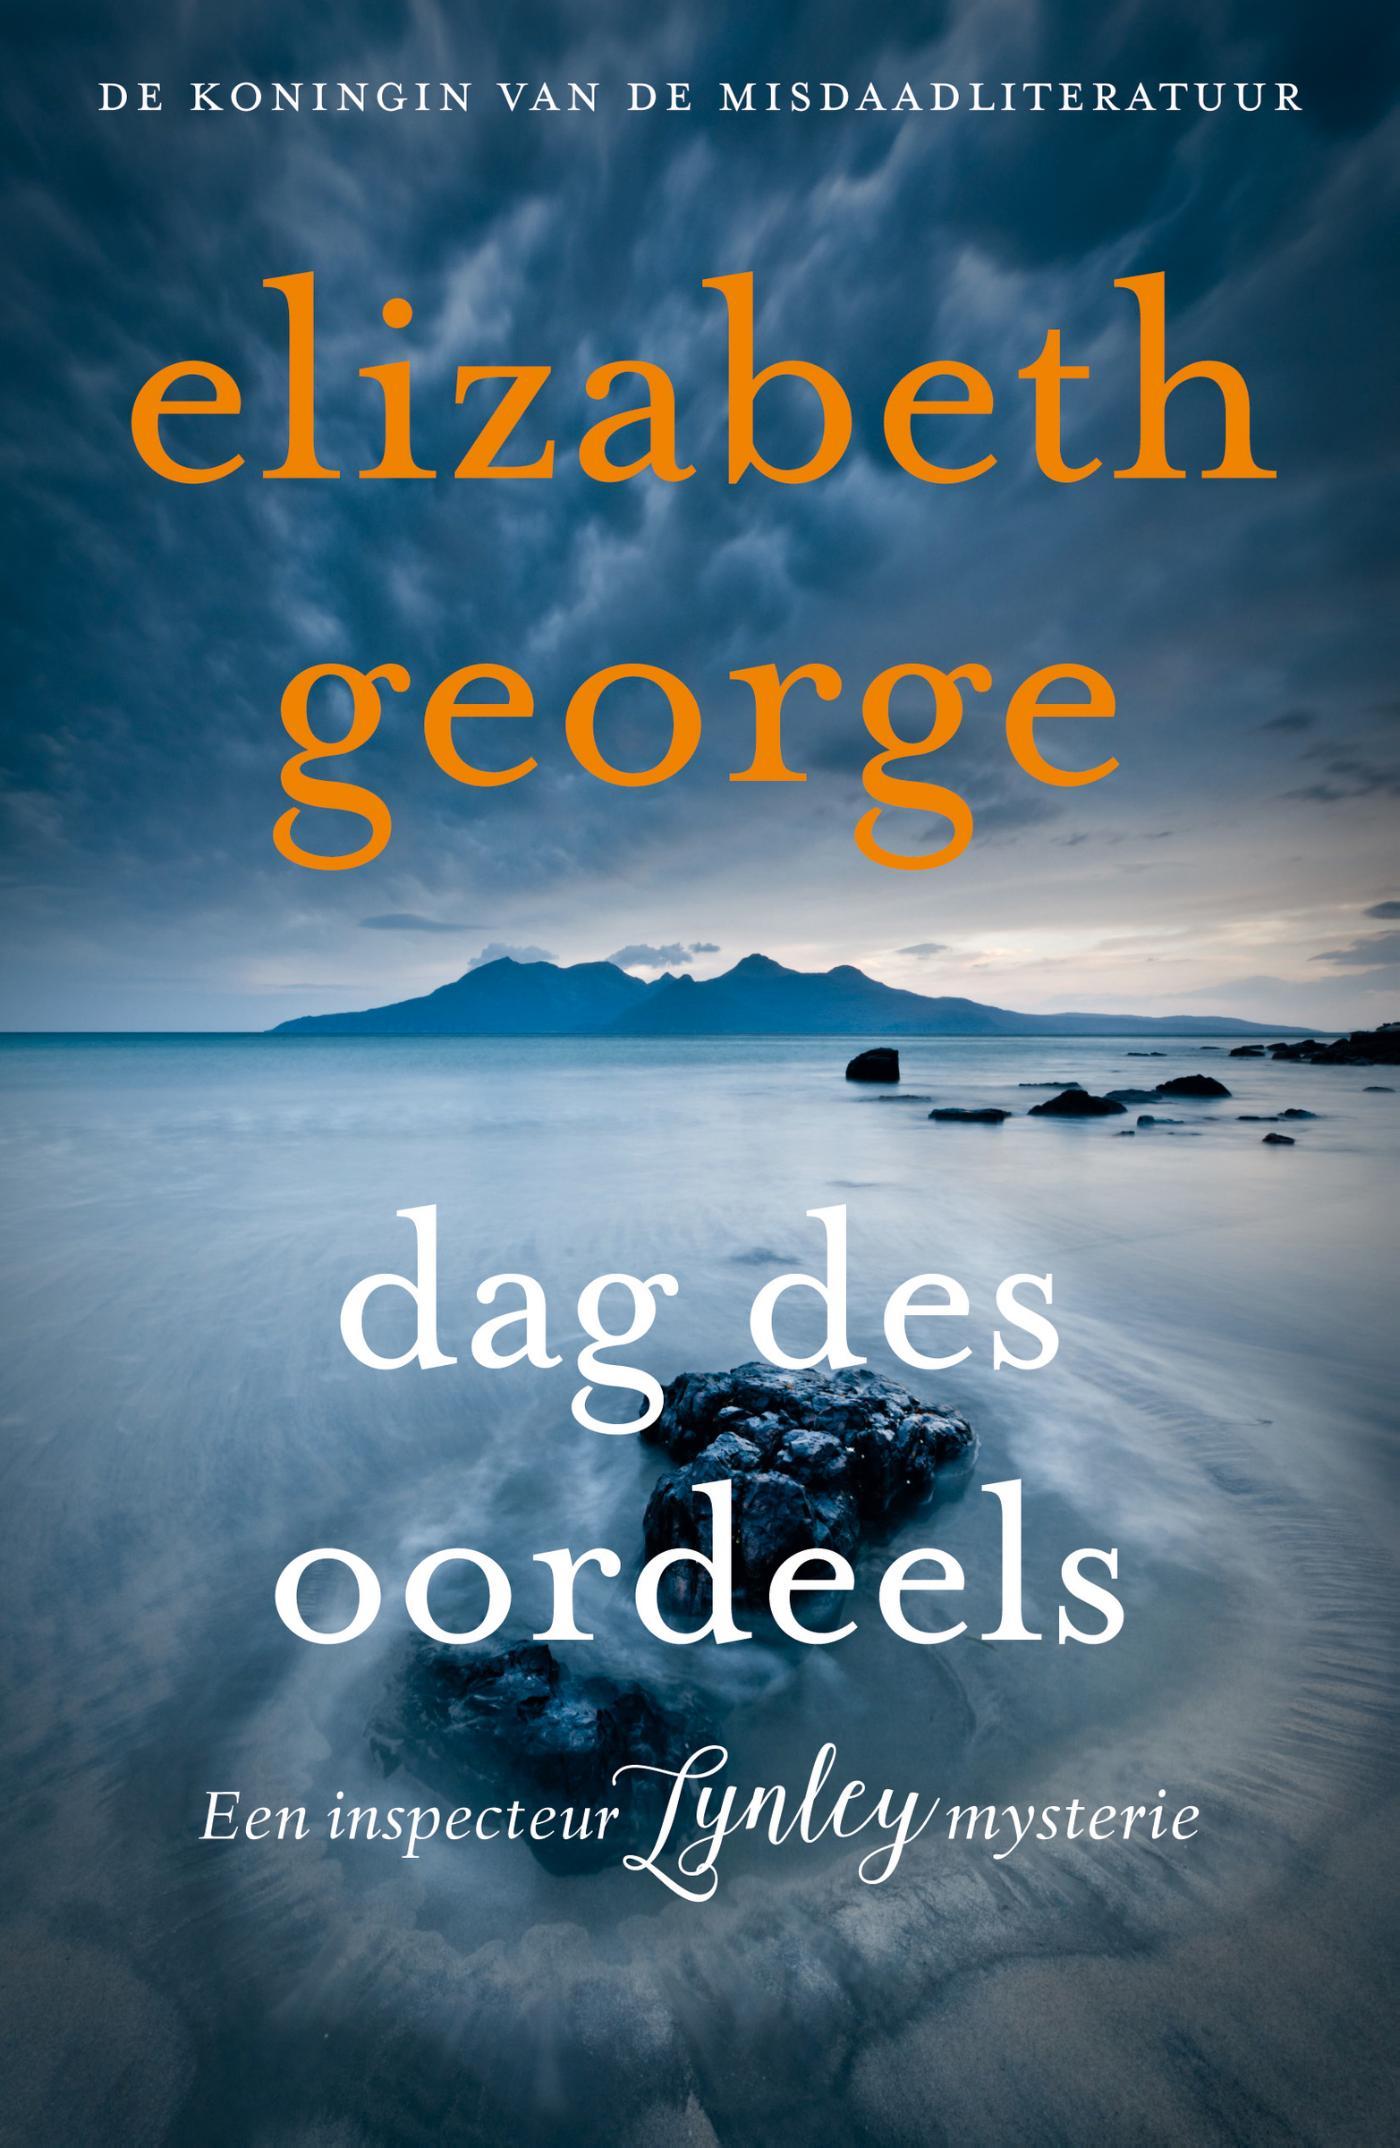 Epub download des elizabeth dag george oordeels